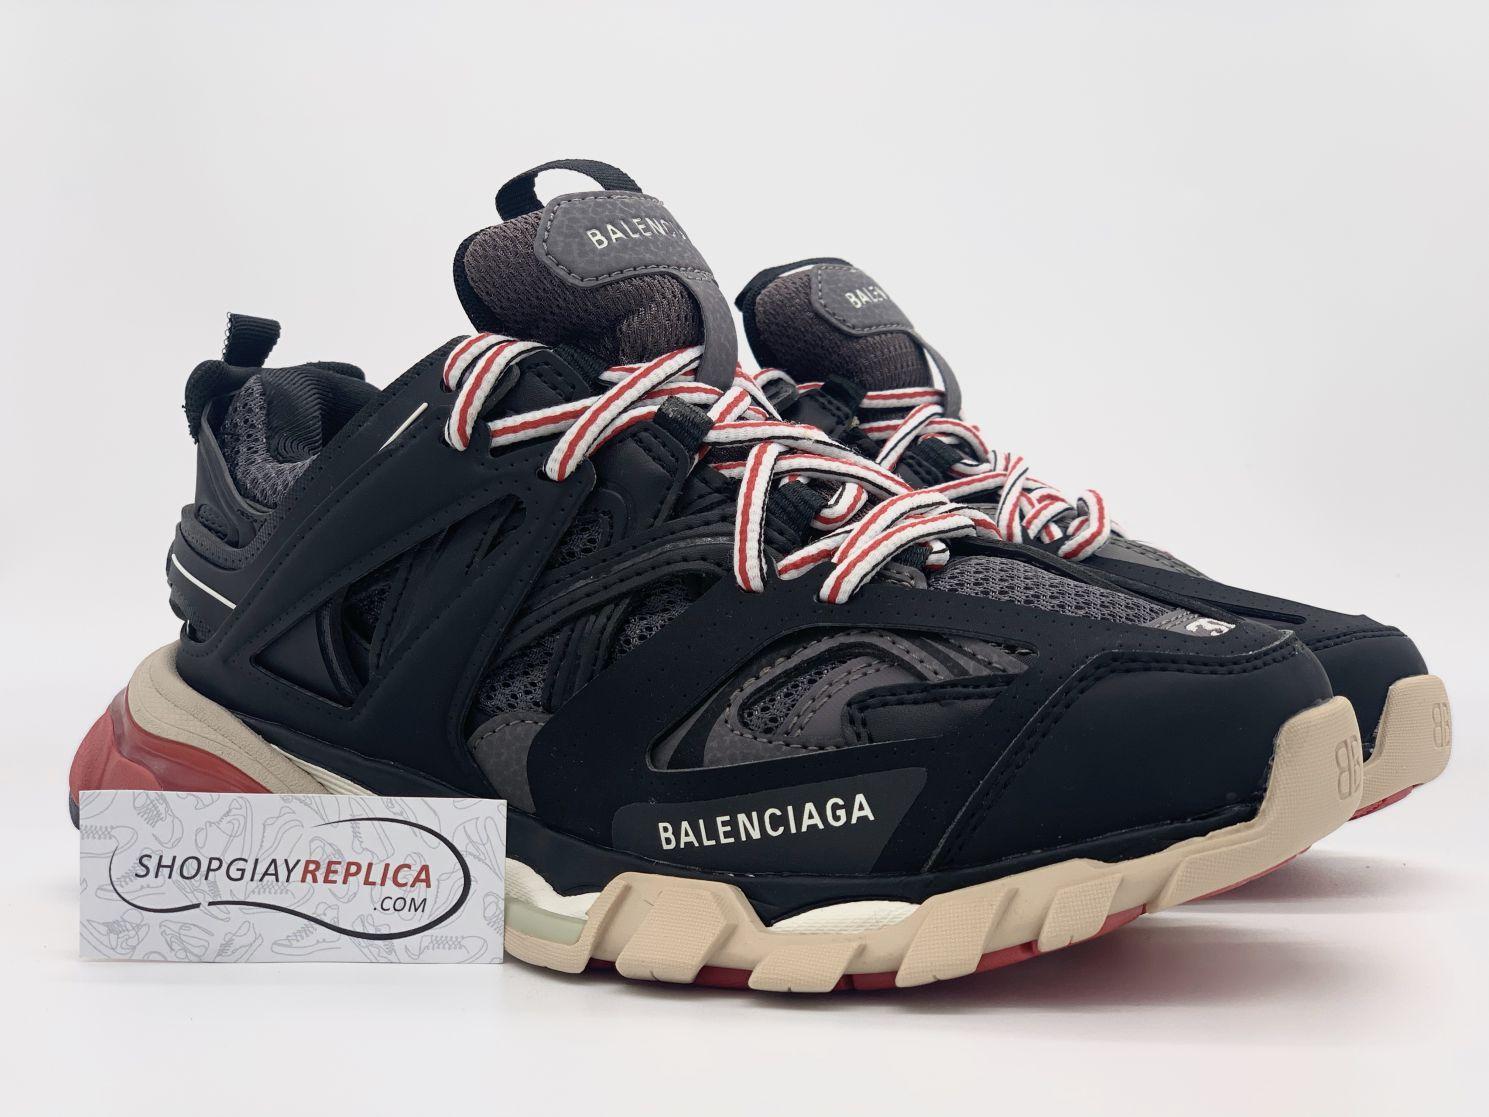 Giày Balenciaga Track 3.0 đen đỏ